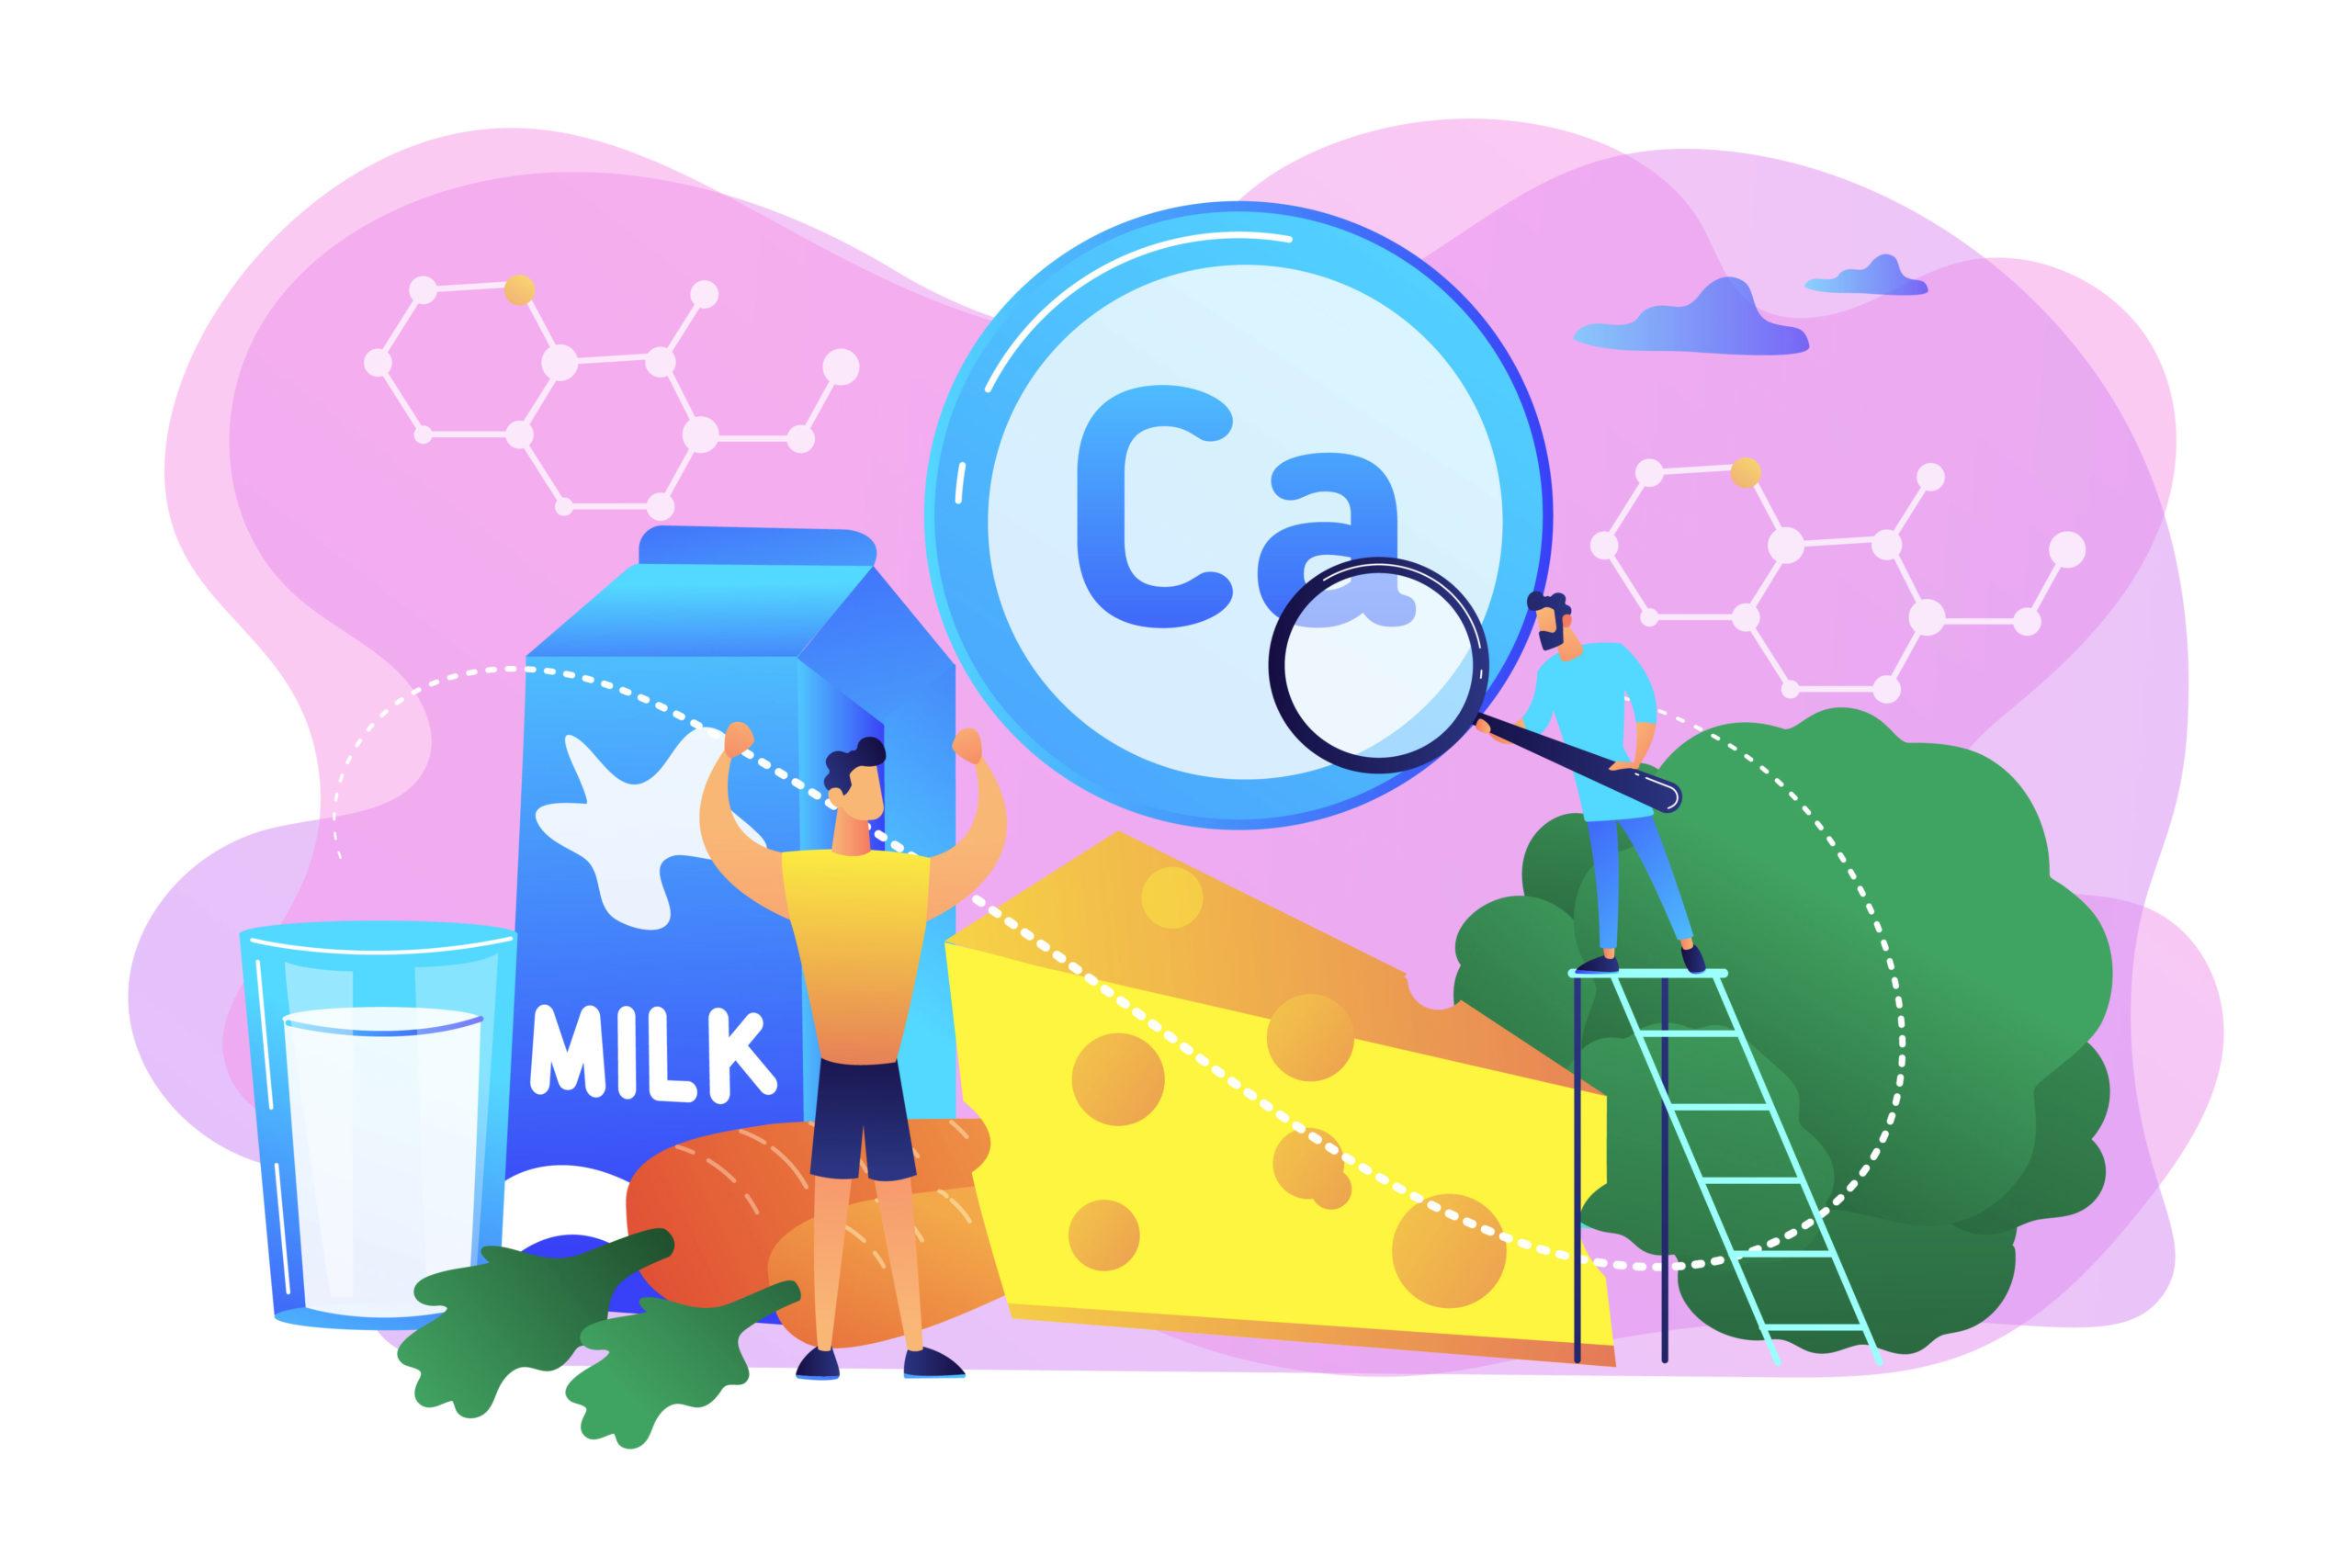 kalsium kandungan penting di susu Entrasol